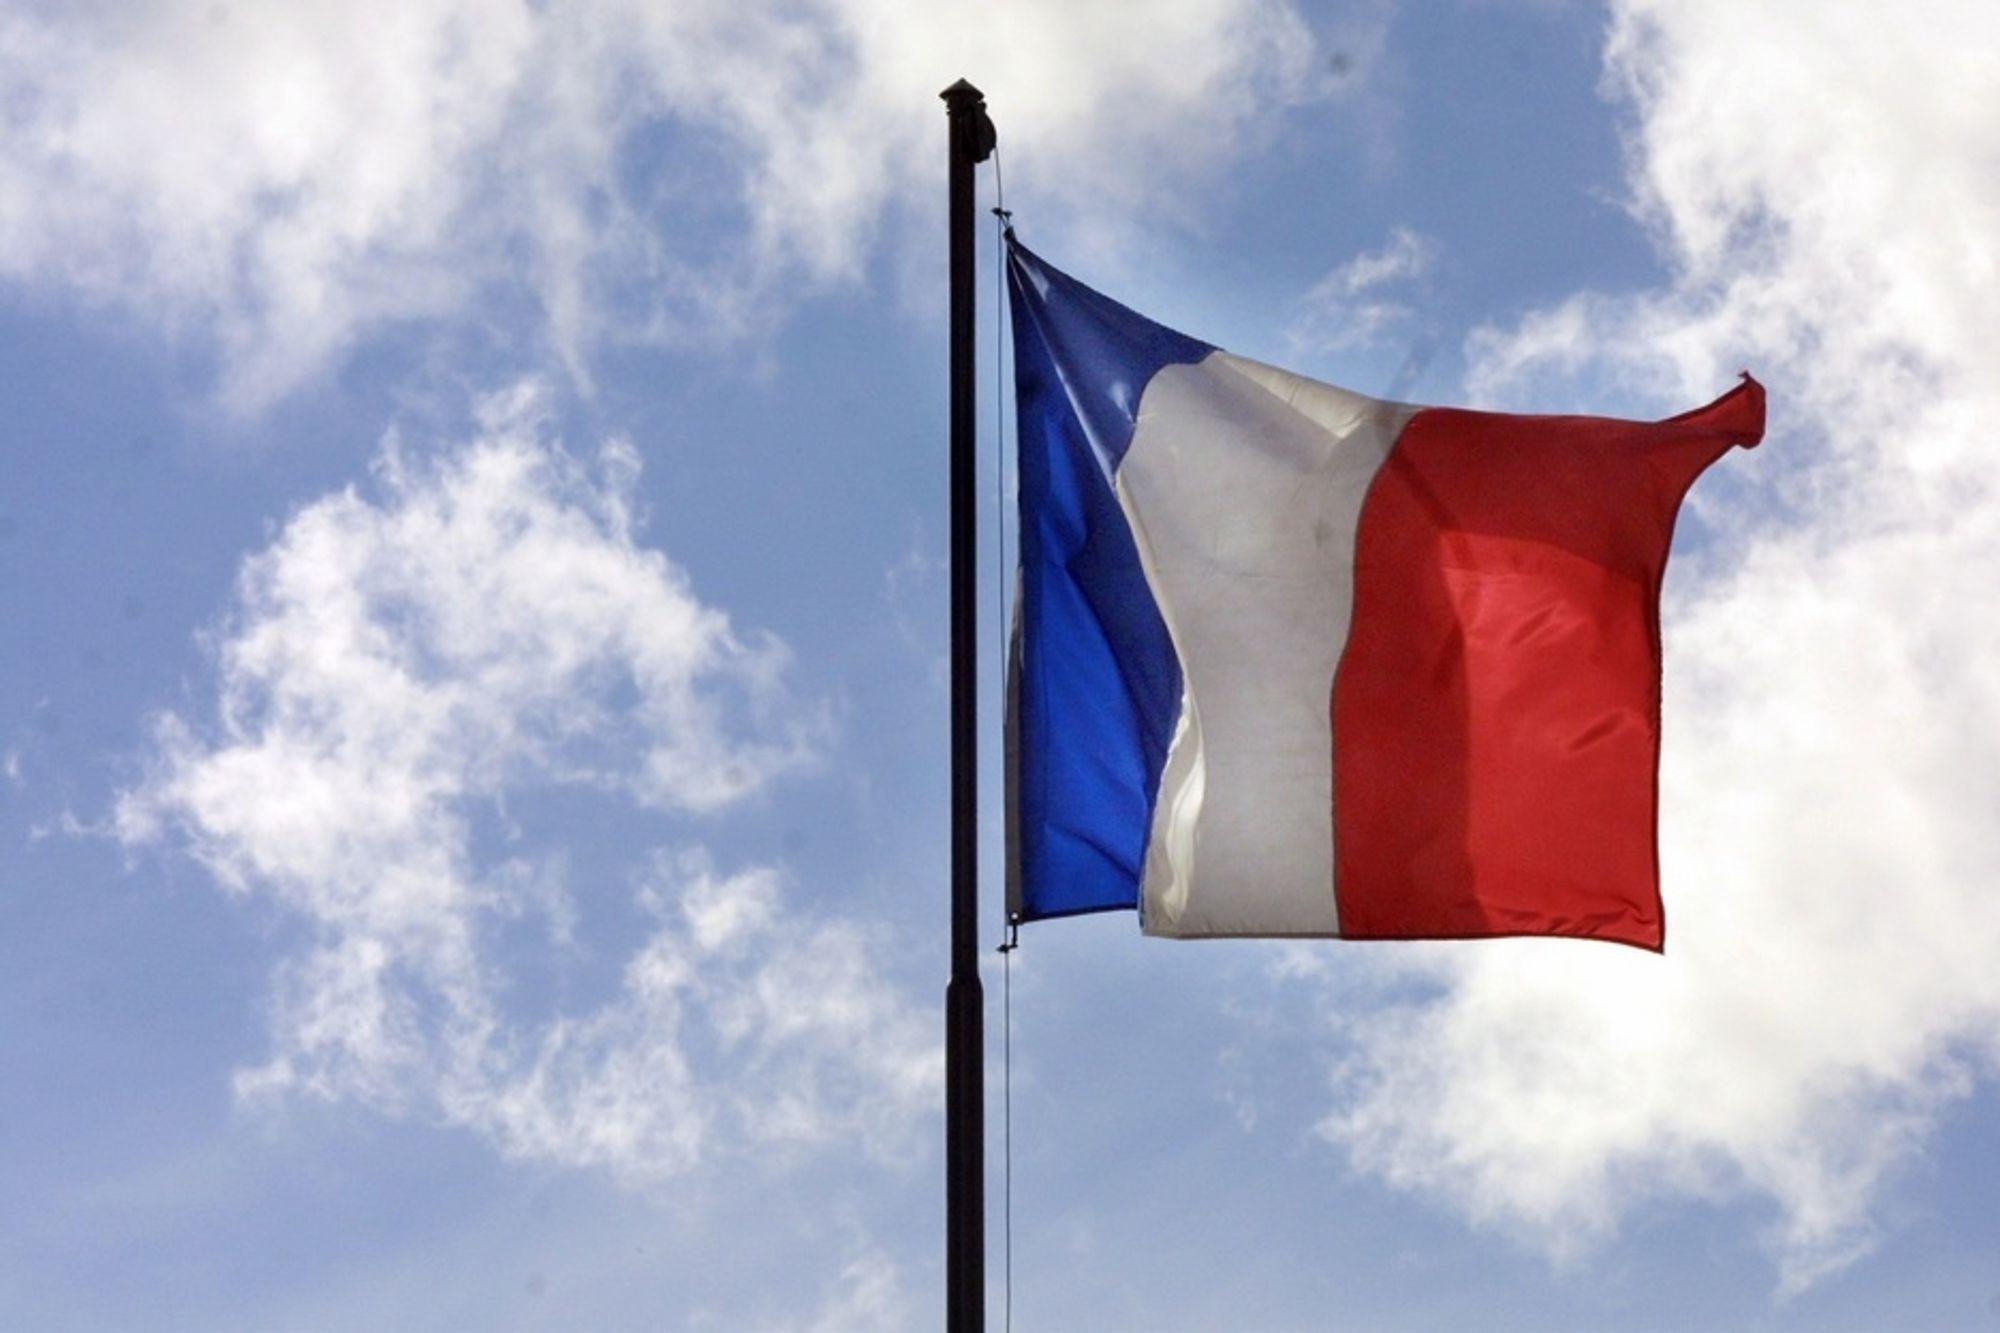 ØKER: Oppkjøpet av Fornebu Consulting gir den franske gruppen mer kapasitet i det norske markedet.